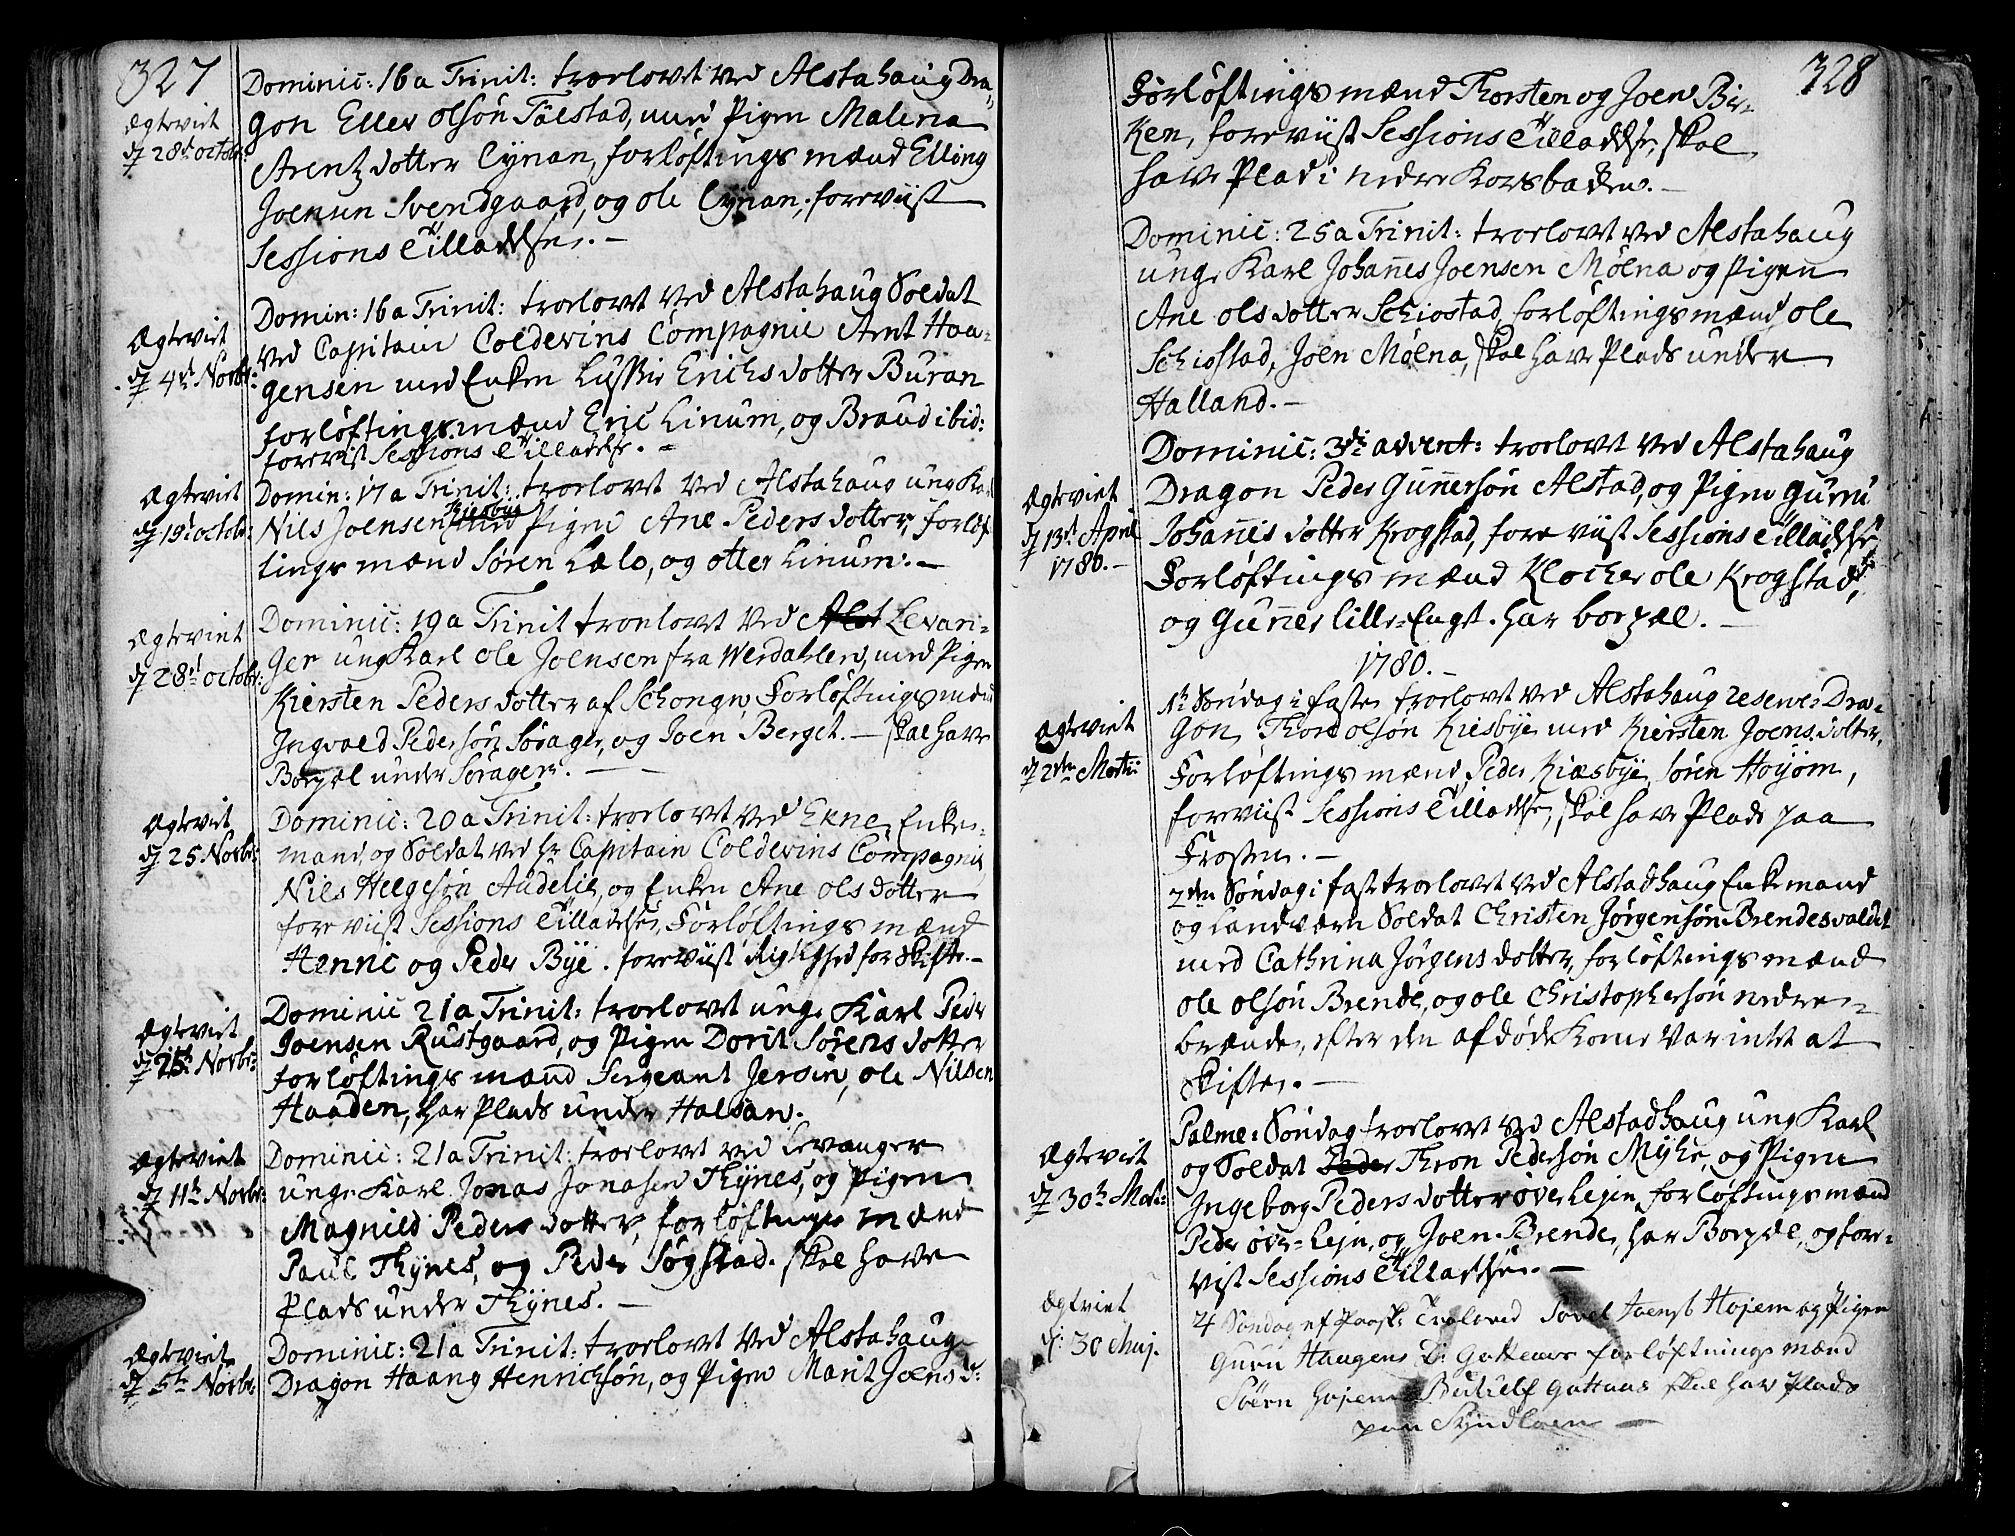 SAT, Ministerialprotokoller, klokkerbøker og fødselsregistre - Nord-Trøndelag, 717/L0141: Ministerialbok nr. 717A01, 1747-1803, s. 327-328